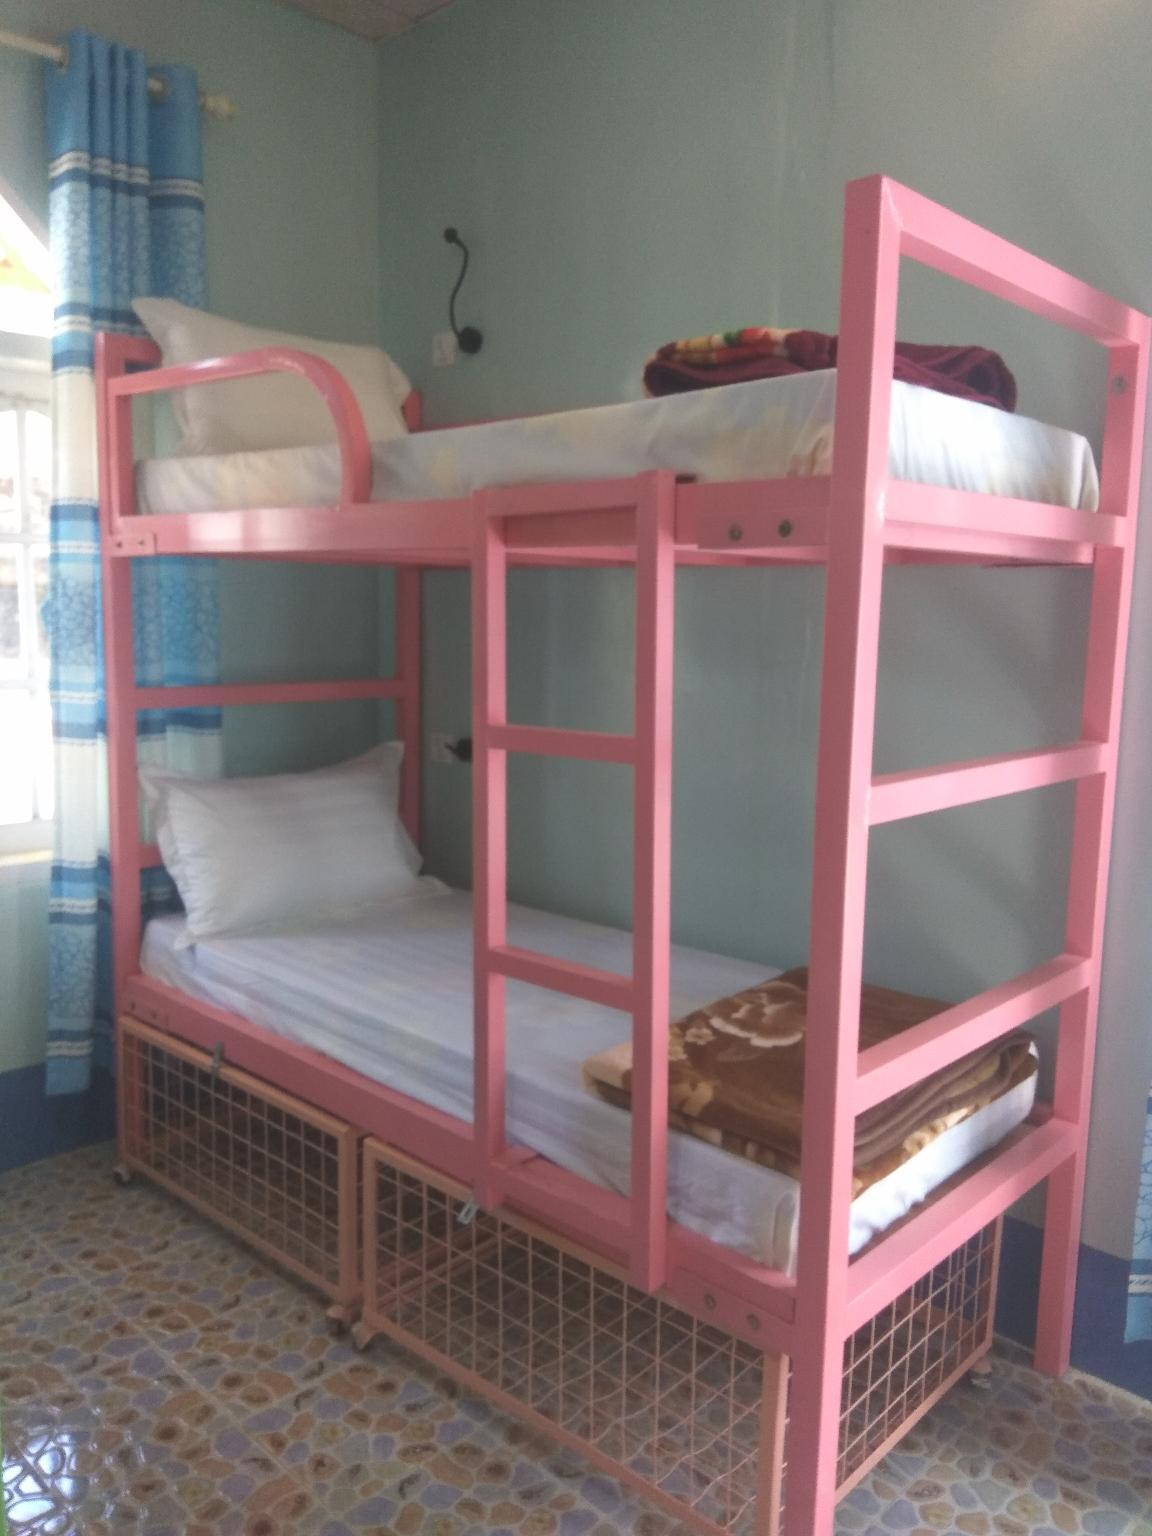 Comme Votre Maison Roma hostel roma inn, kalaw - booking deals, photos & reviews